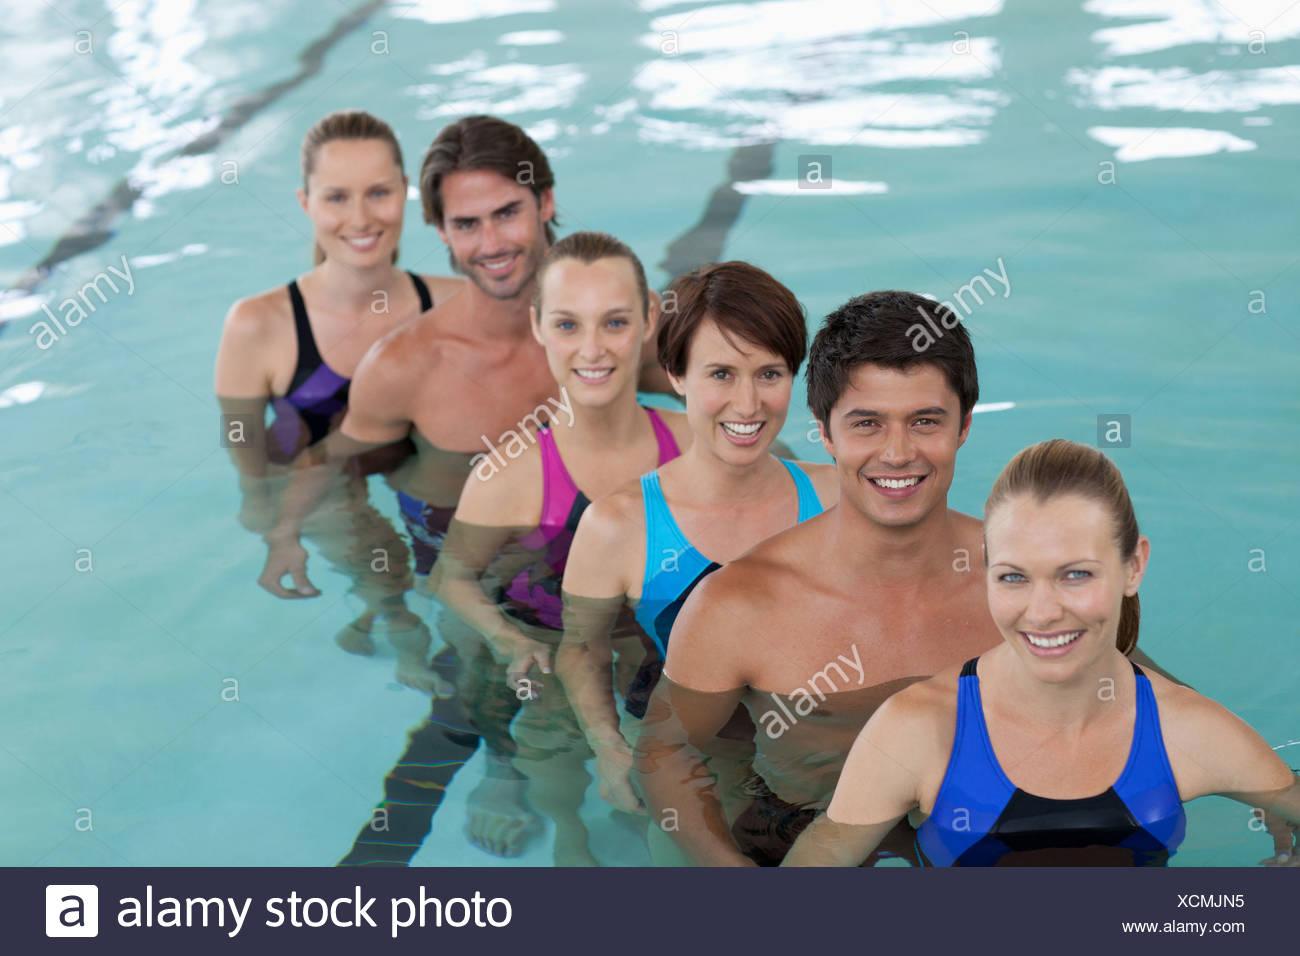 Six people in swimming pool - Stock Image